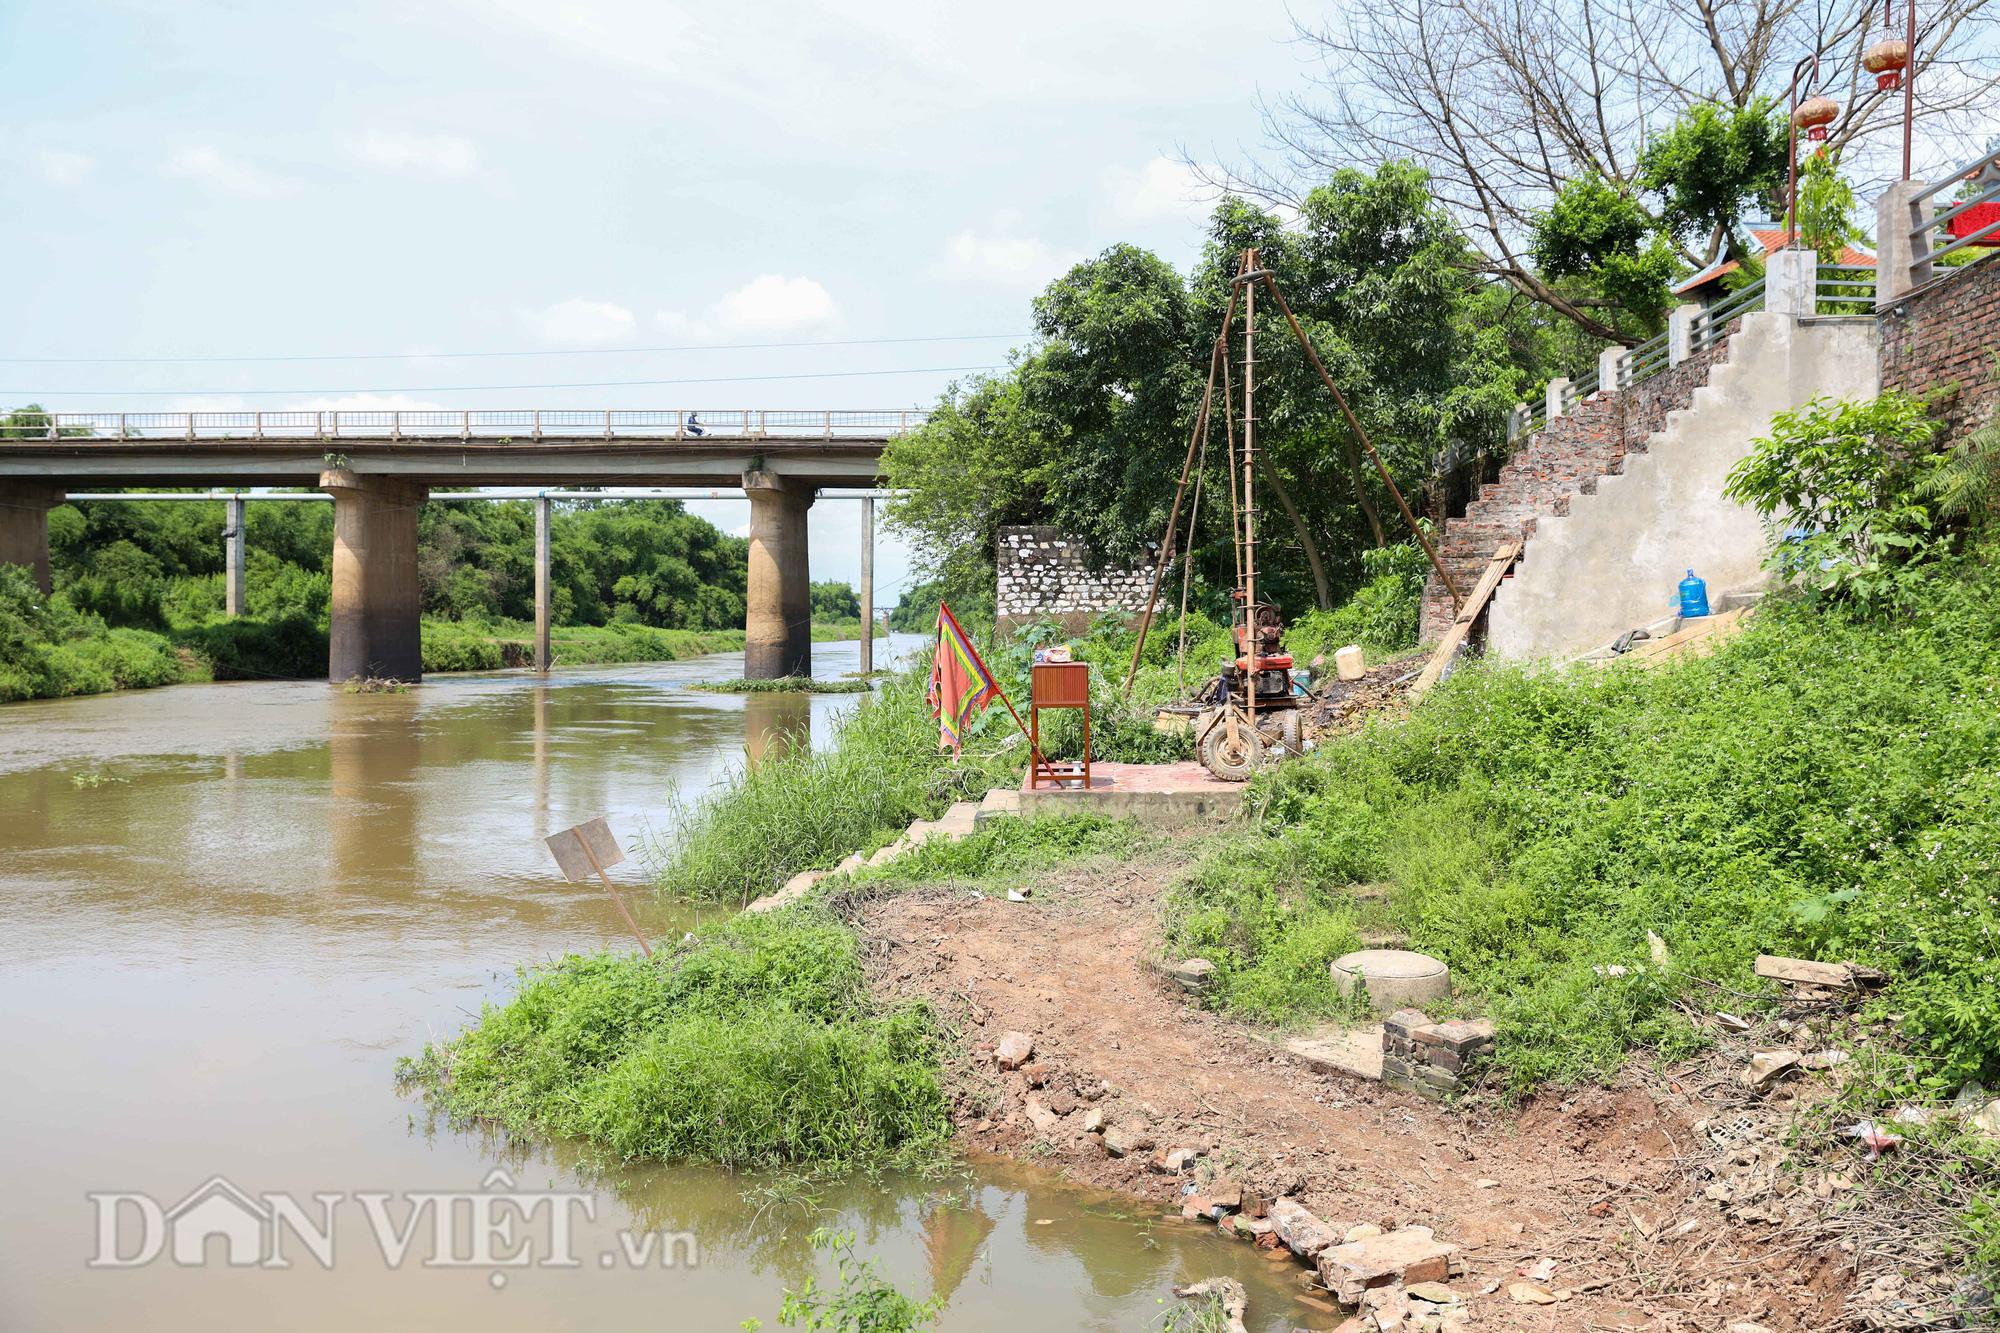 Đền Ba Voi ở Hà Nội bị đóng cửa vì sạt lở bờ sông - Ảnh 5.